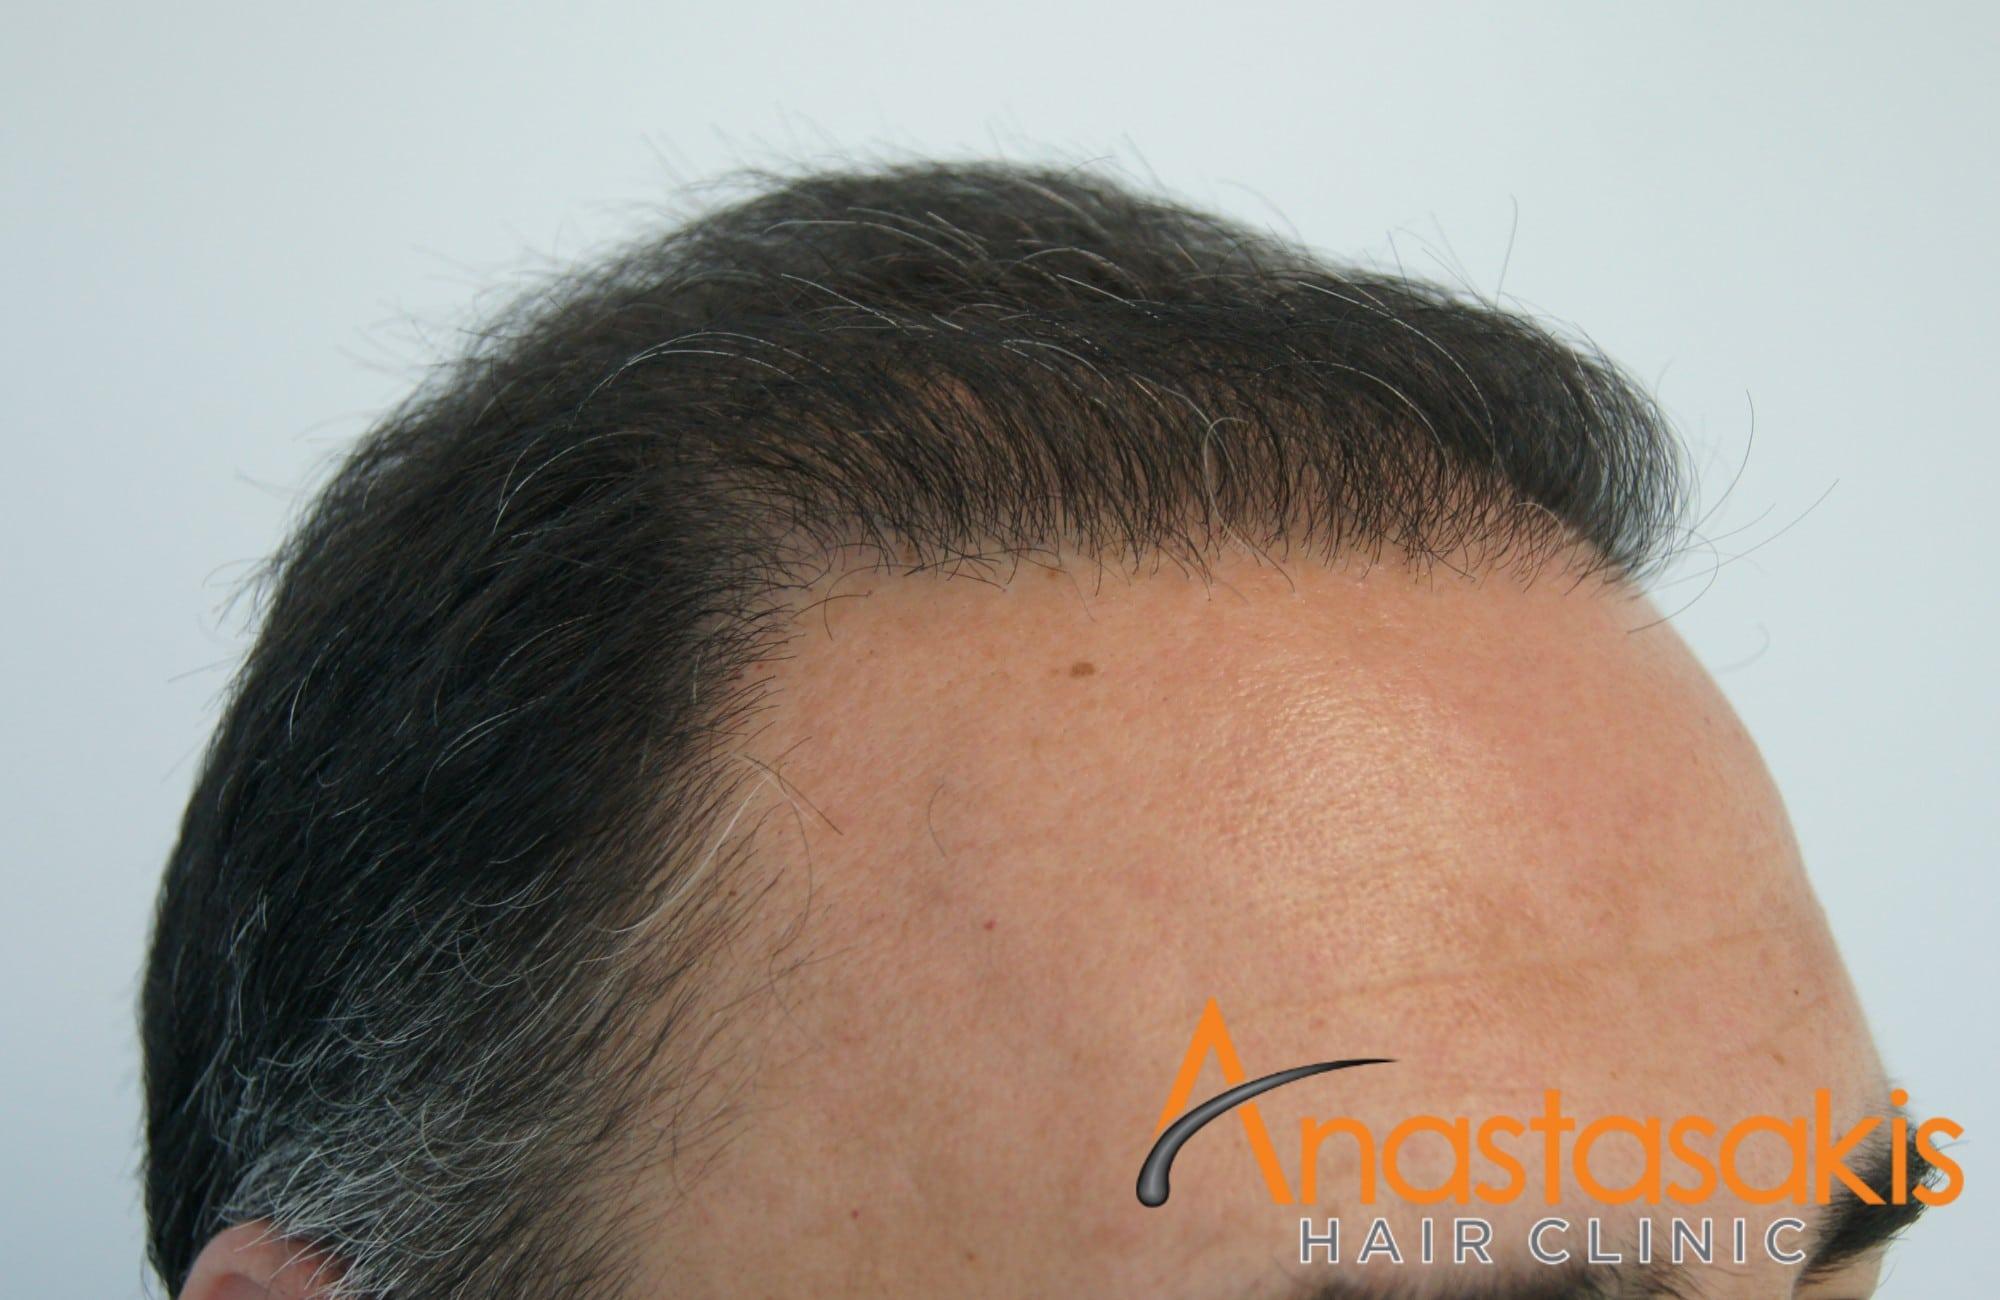 αριστερο προφιλ ασθενους μετα τη μεταμοσχευση μαλλιων με 3000 fus